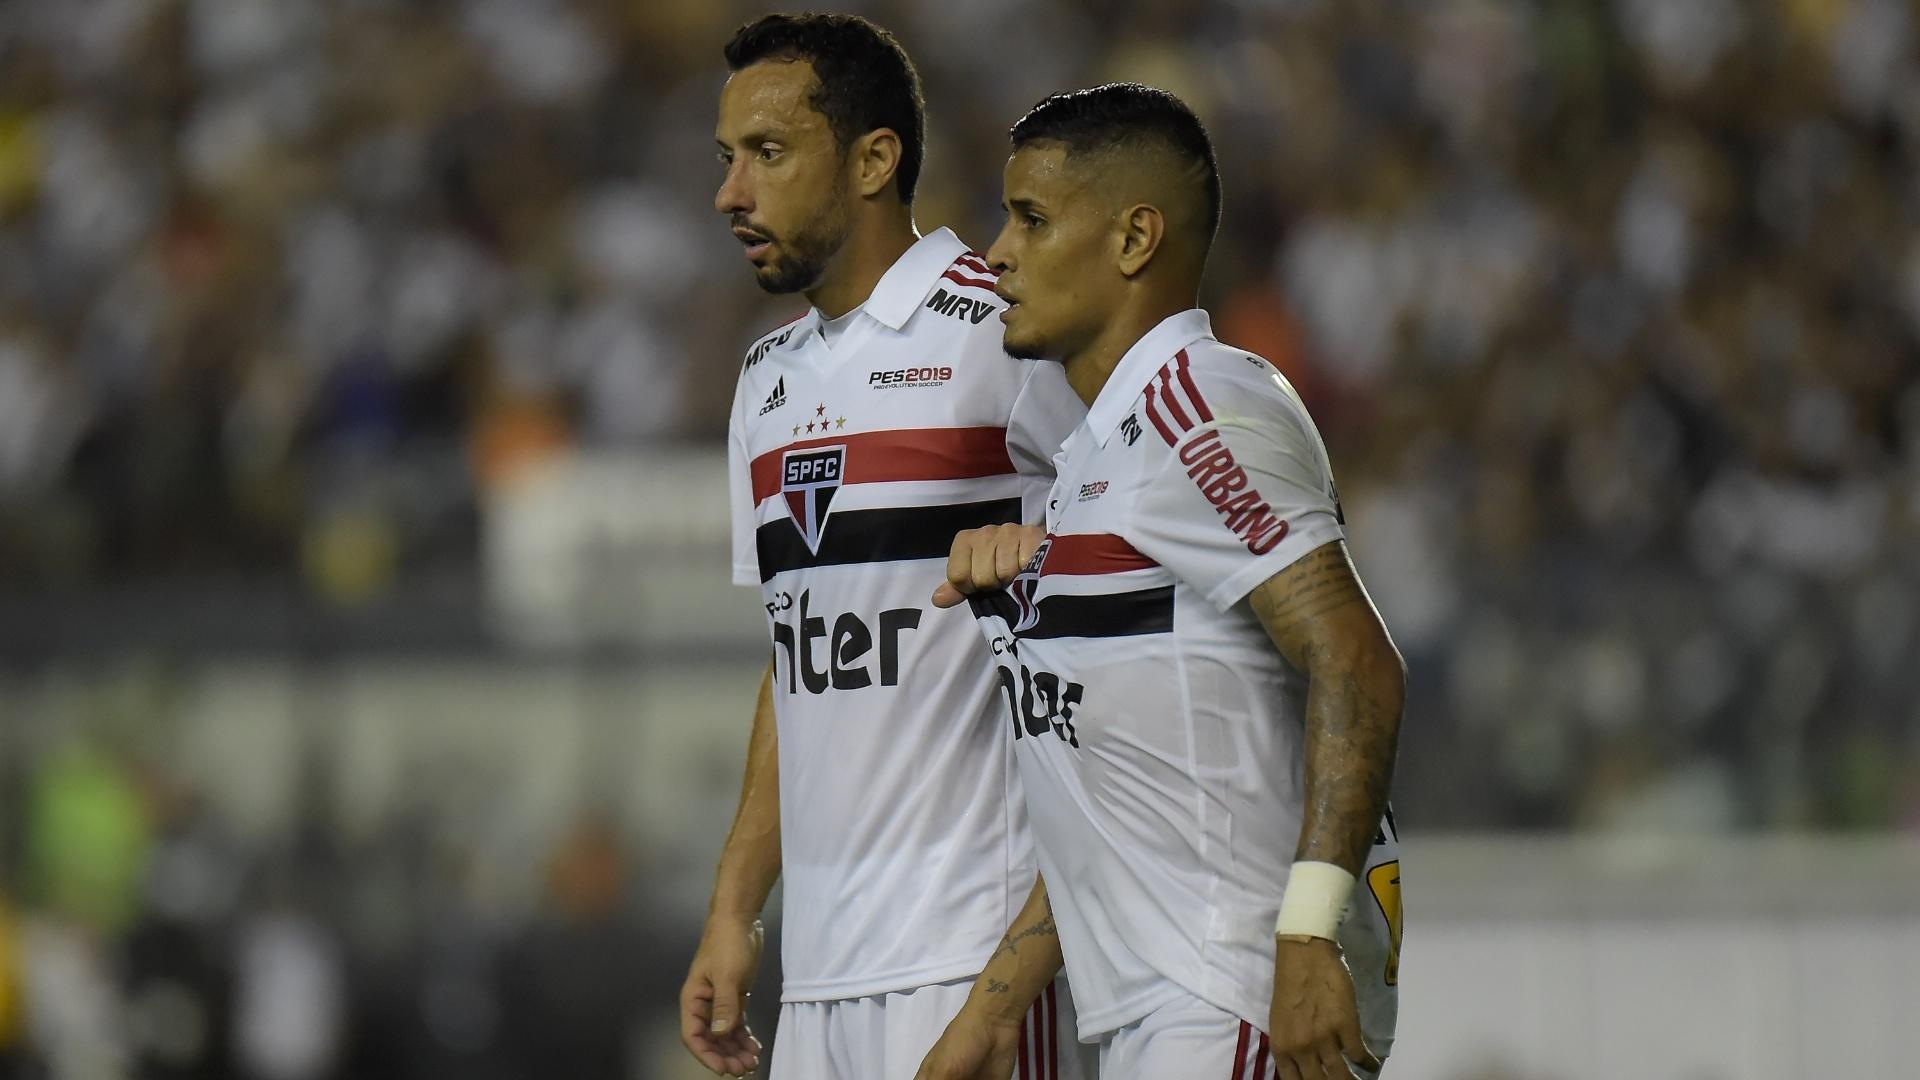 Nenê e Everton, do São Paulo, em ação durante jogo contra o Vasco